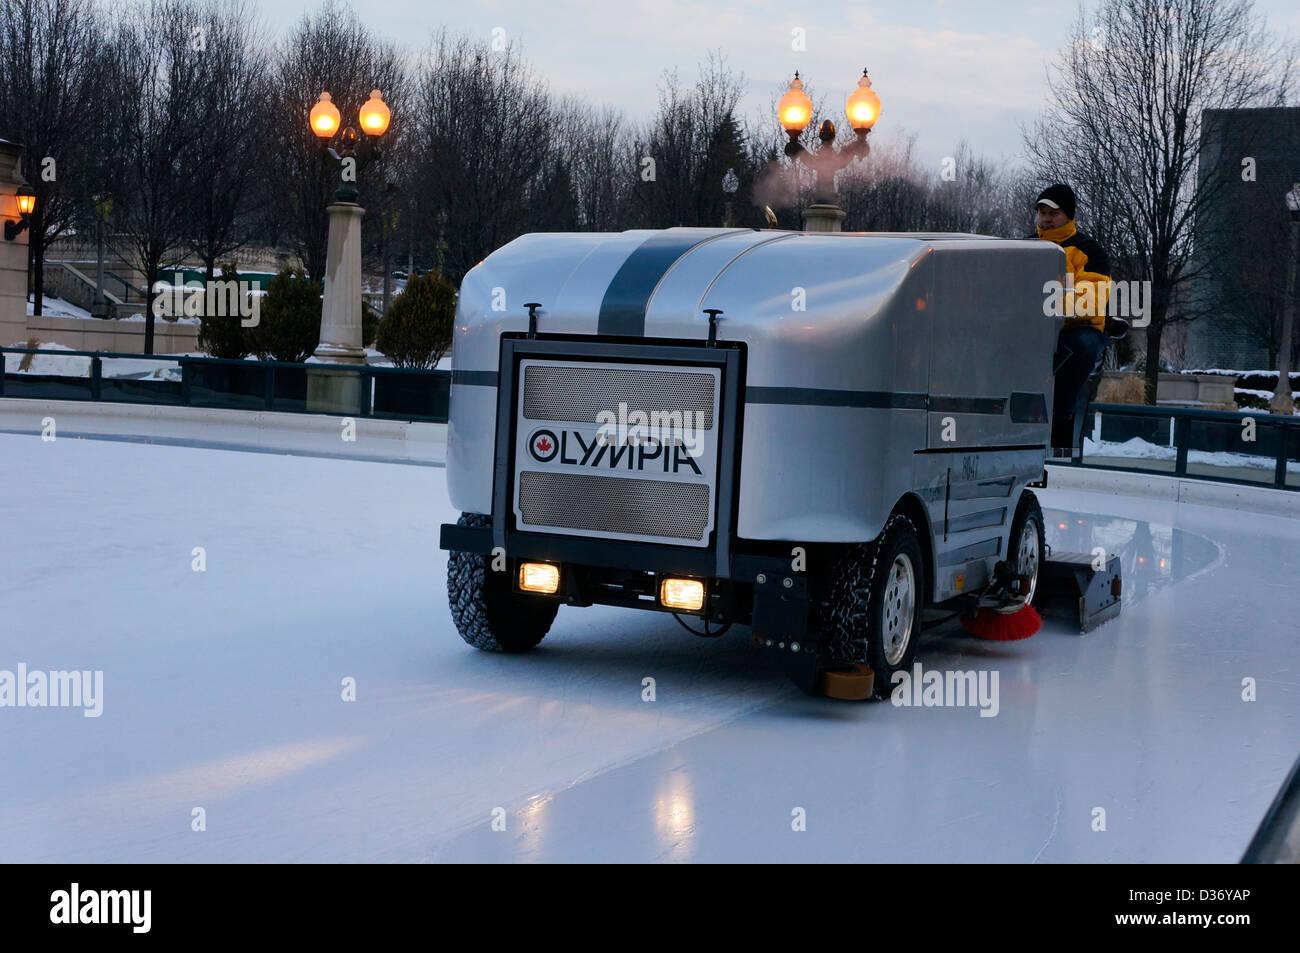 Machine pour faire fondre la glace lisse pour les patineurs. Une resurfaceuse de glace patinoire de lissage Banque D'Images